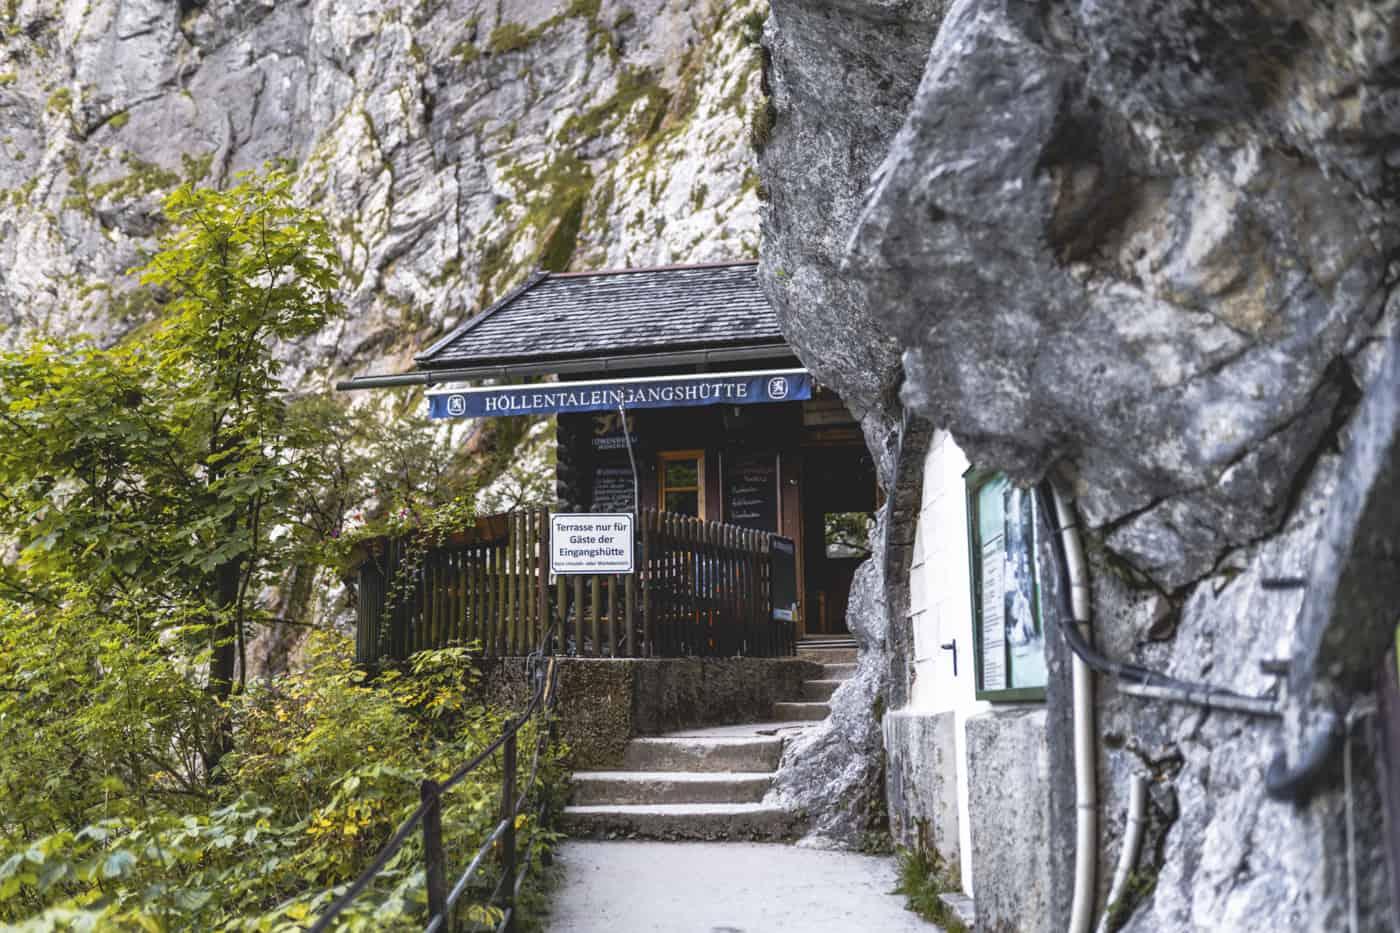 Lermoos - die schönsten Wanderungen & Ausflugsziele in der Zugspitz Region #2 - Höllentalklamm